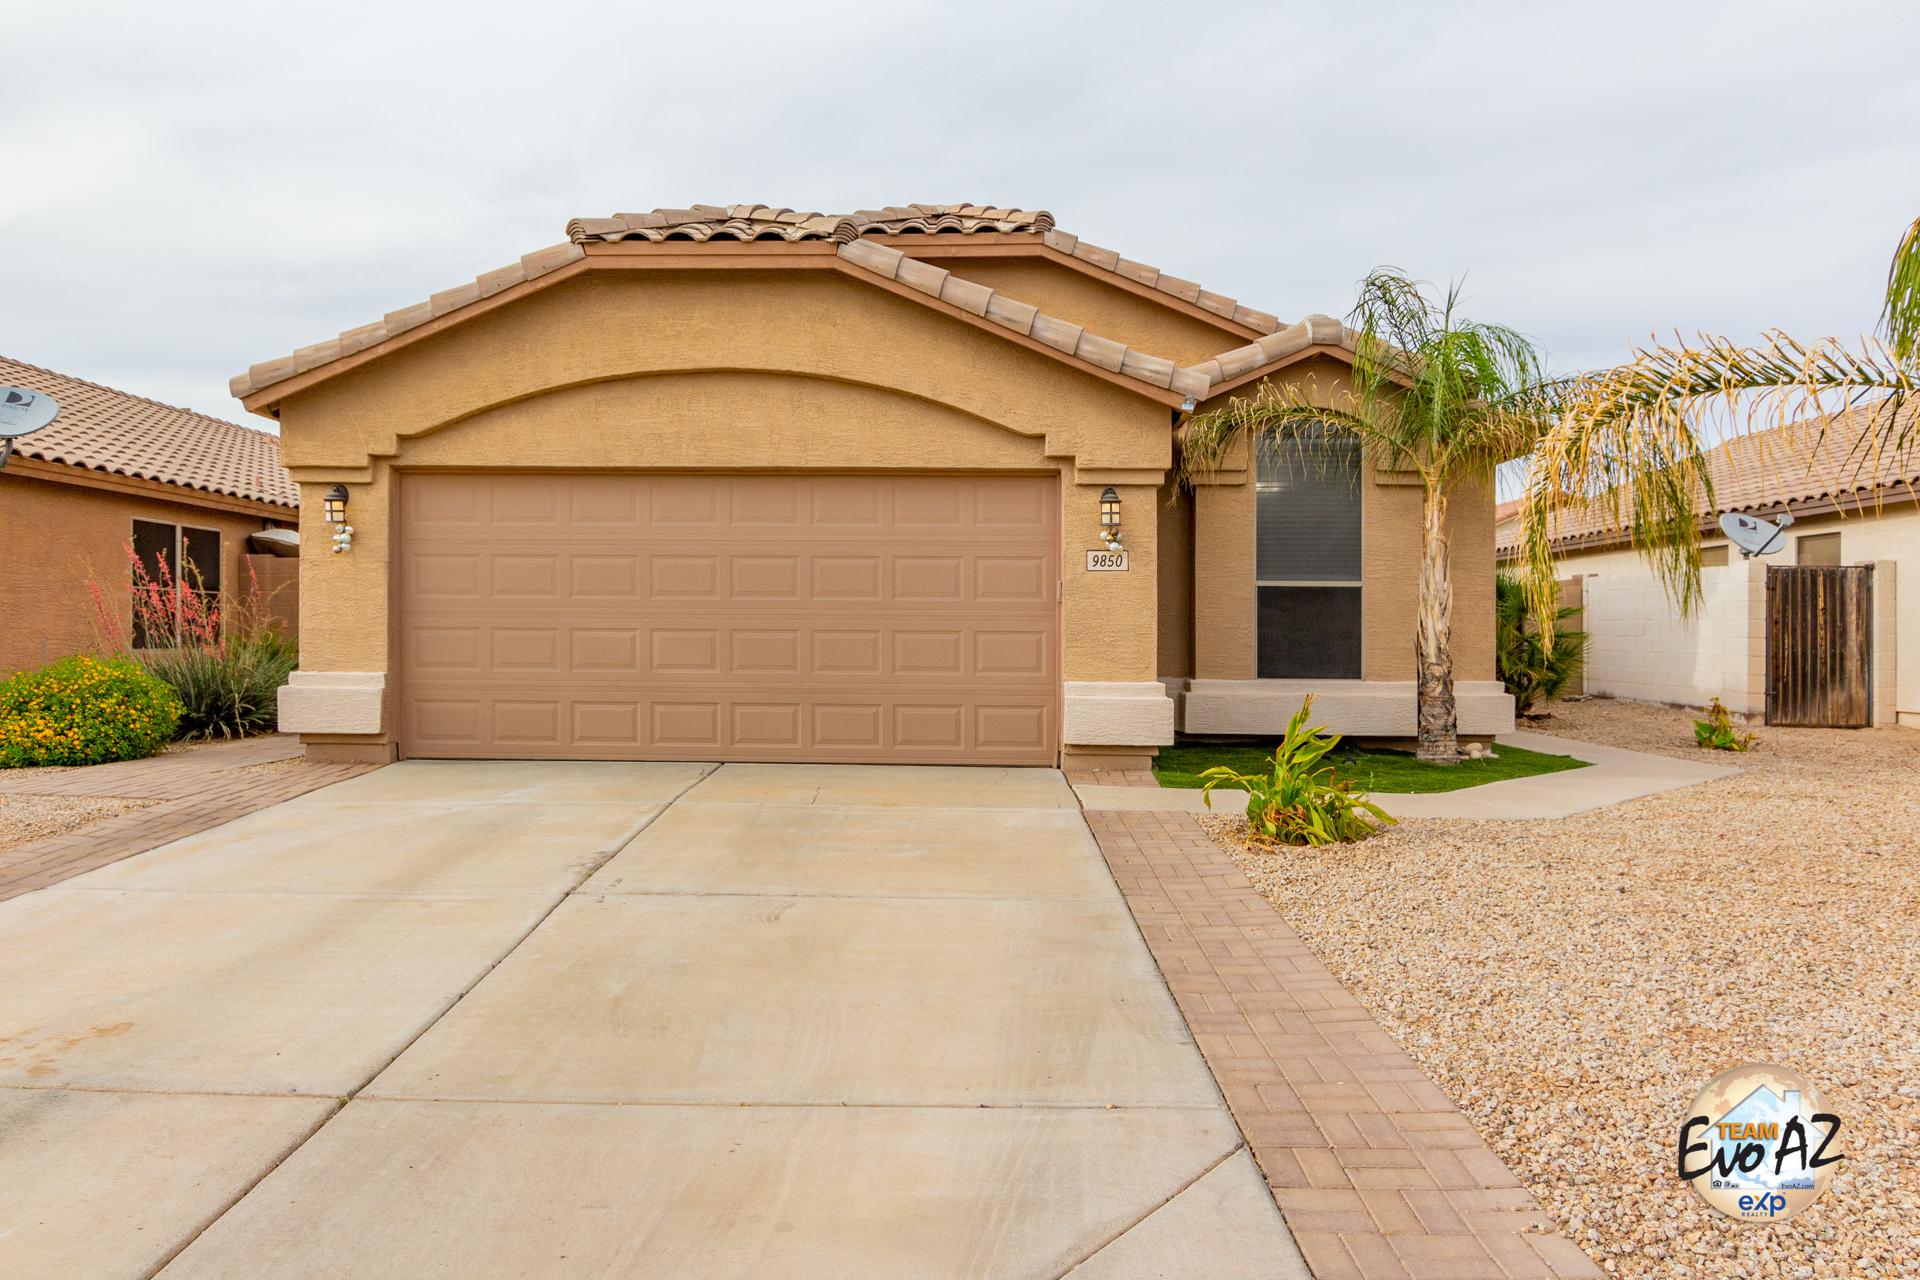 9850 E Osage Ave, Mesa, AZ 85212